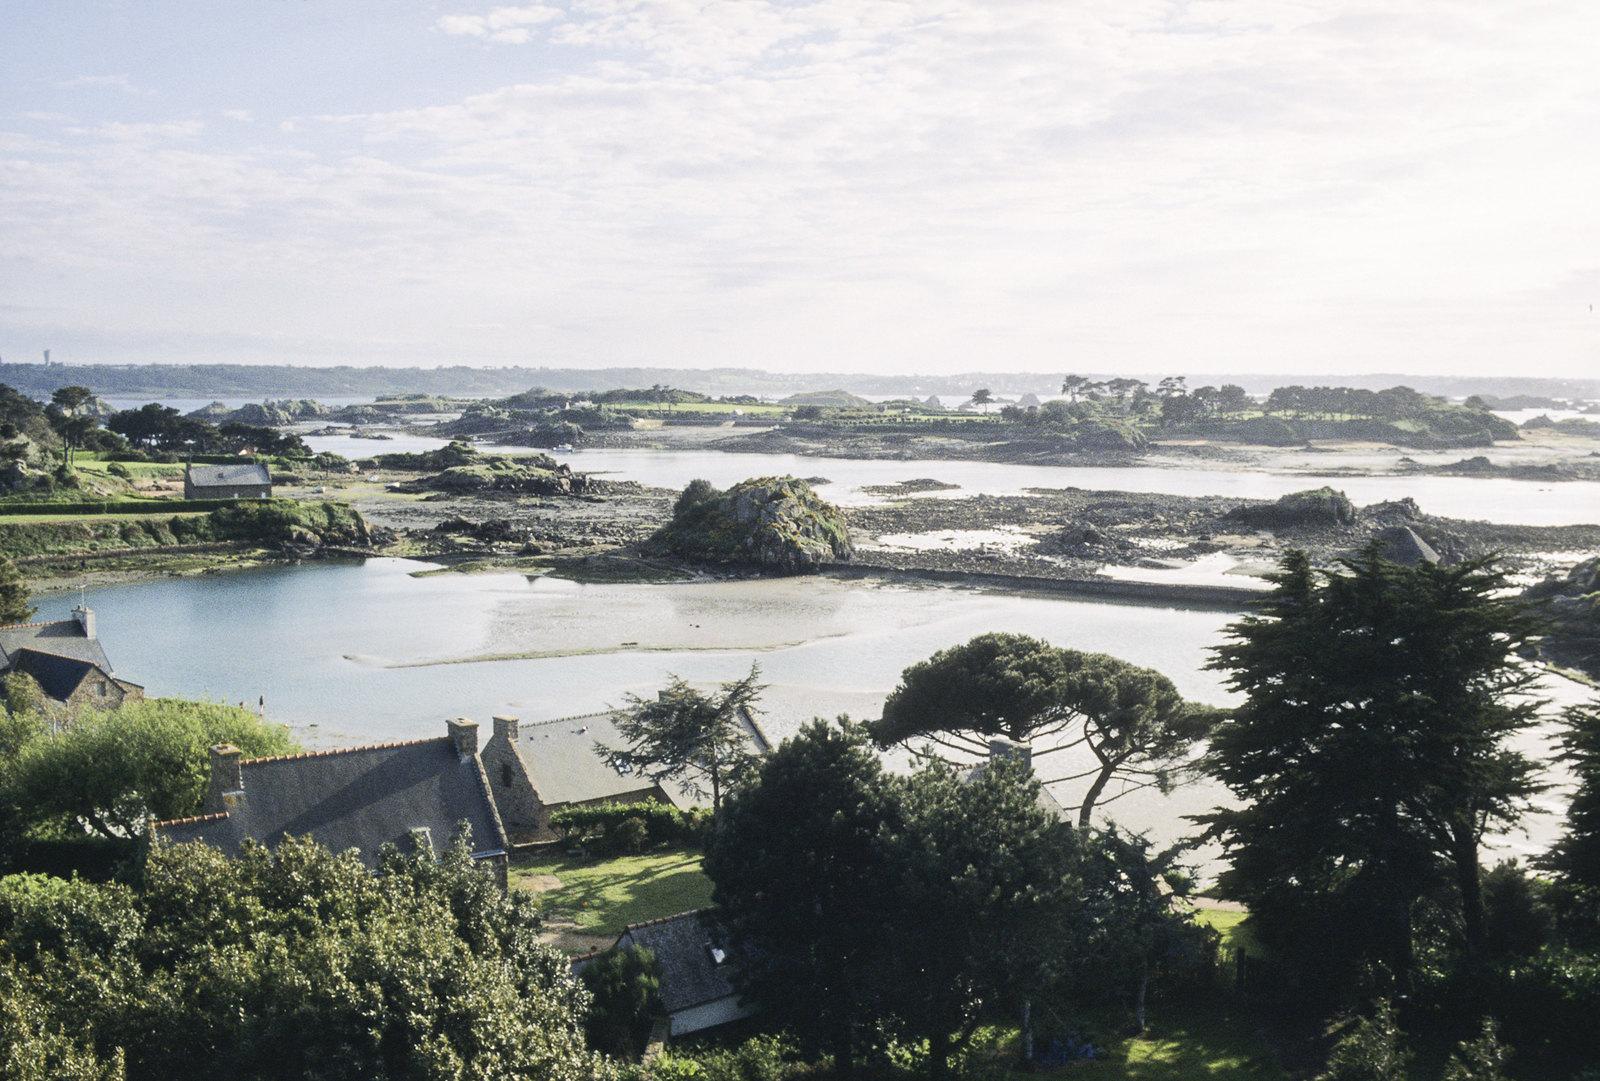 Road trip en Bretagne - Terre ou mer ?